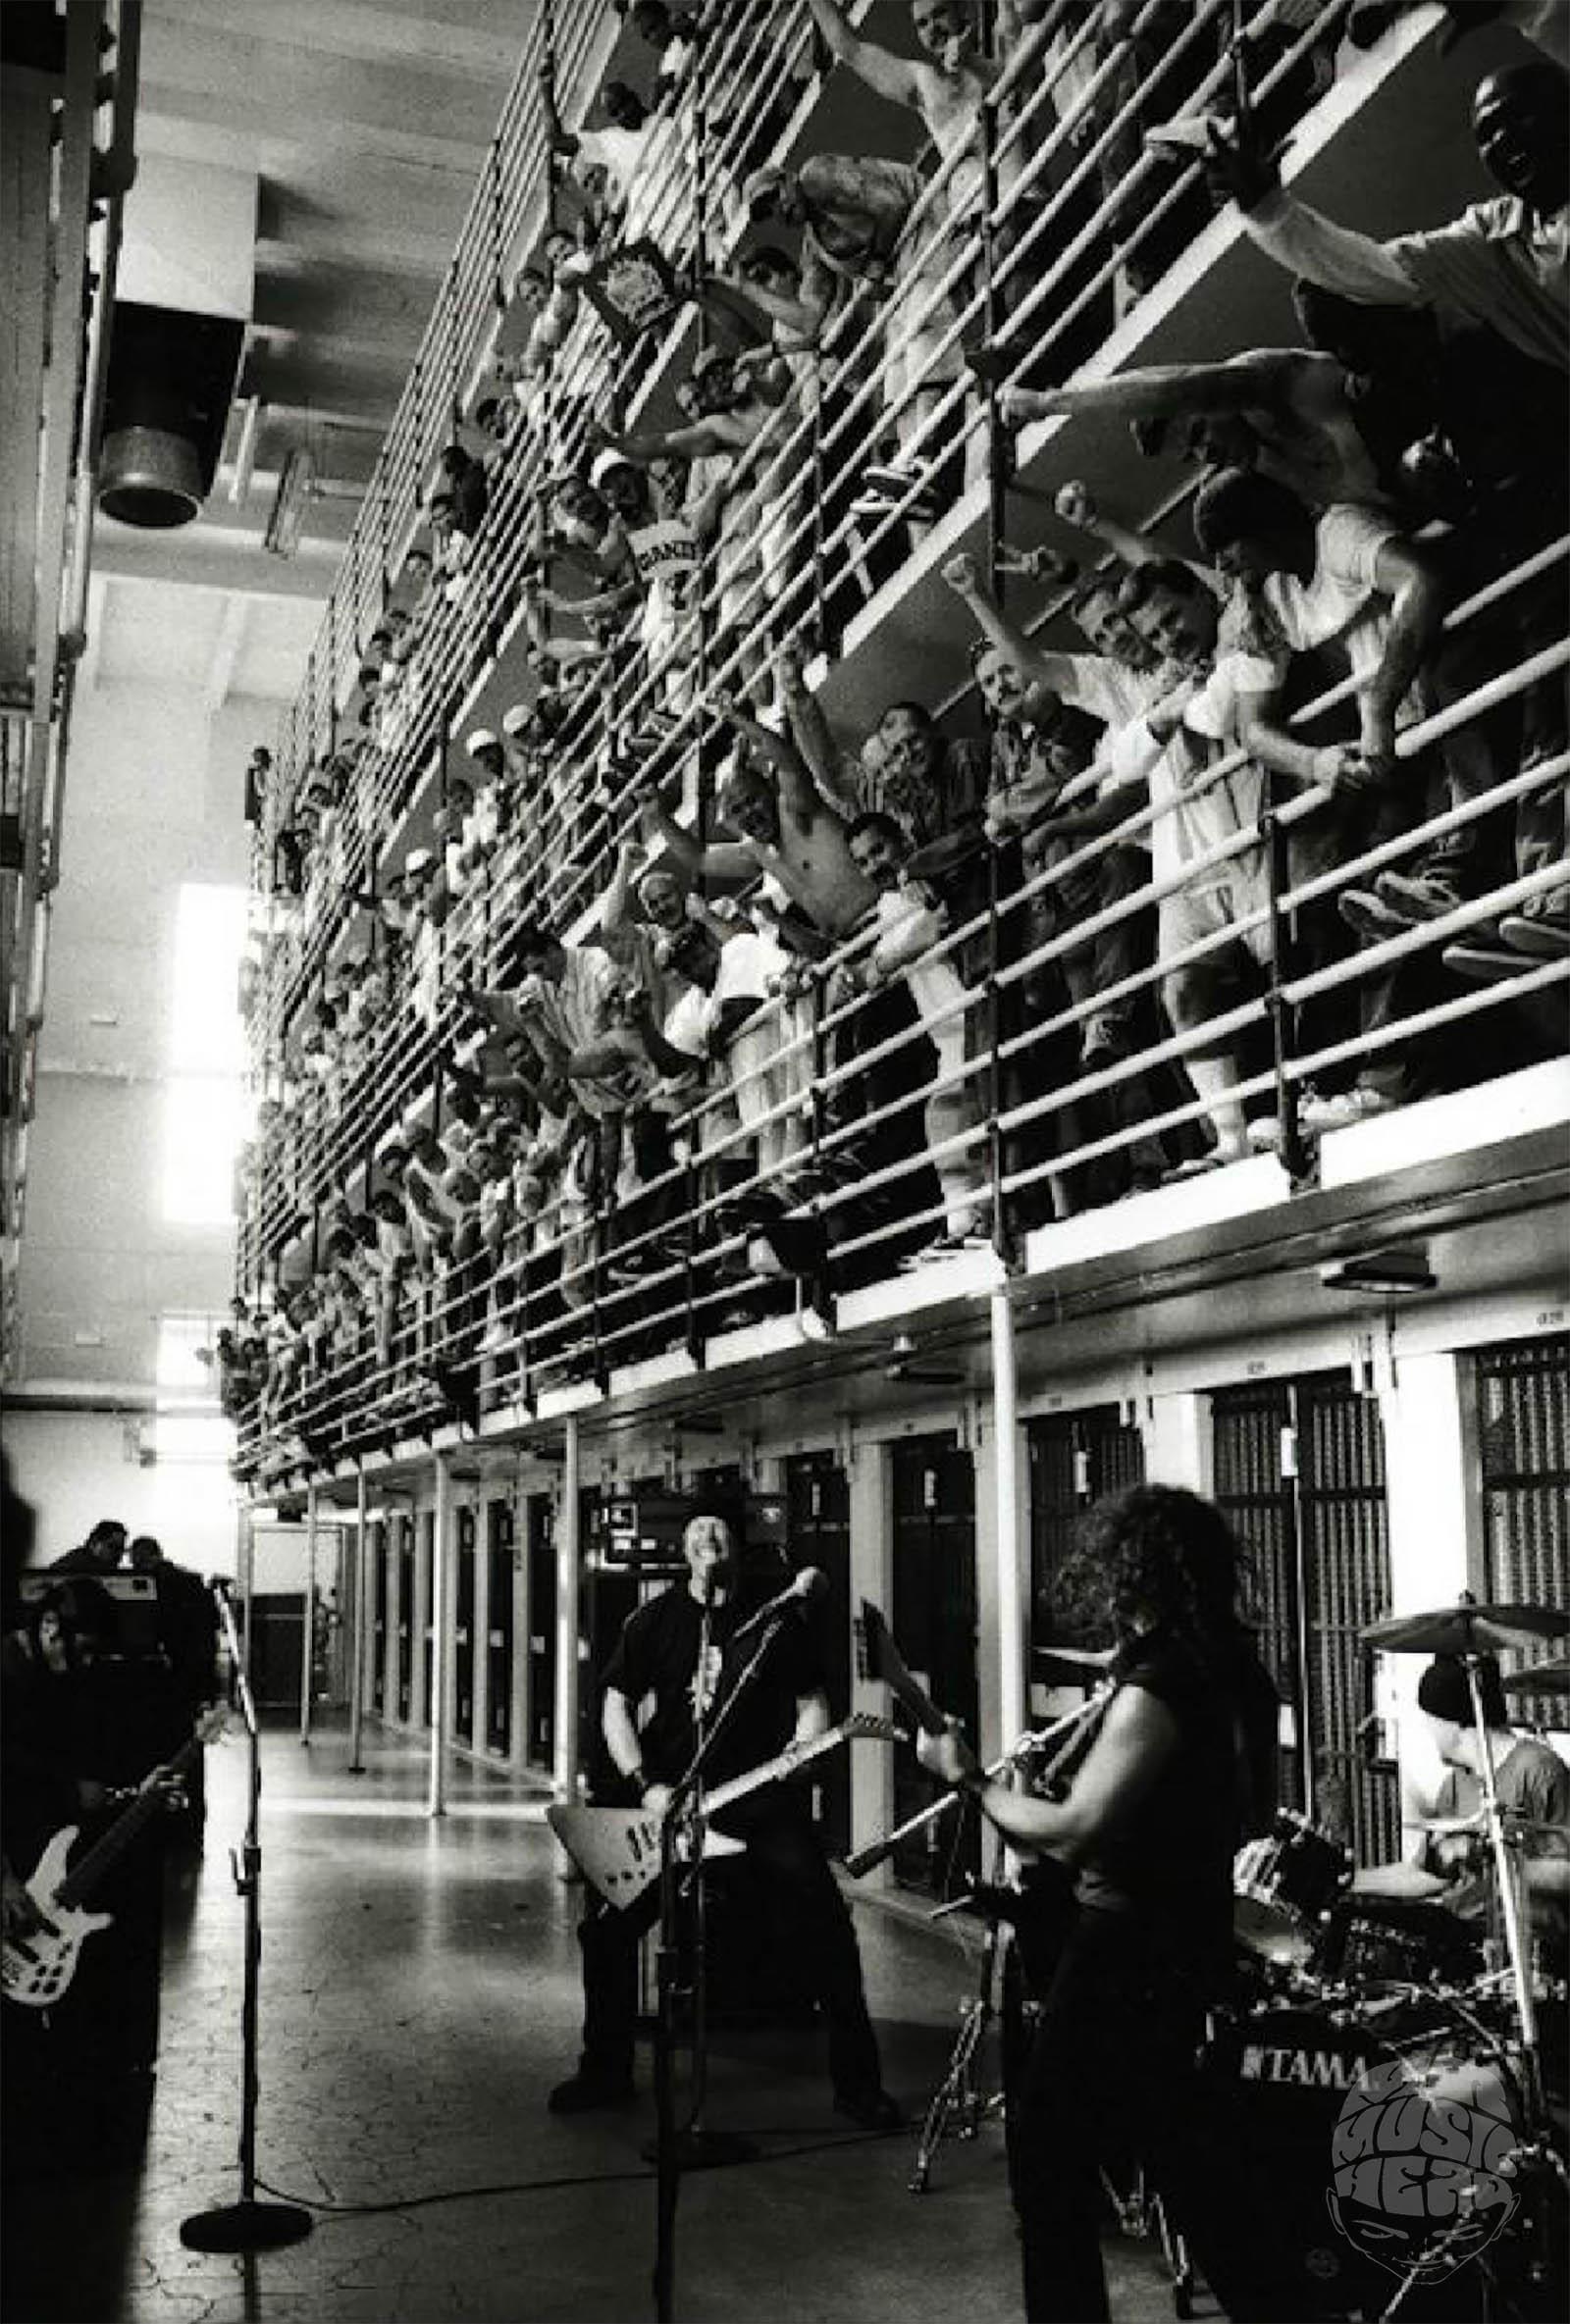 Danny Clinch_metallica_prison.jpg